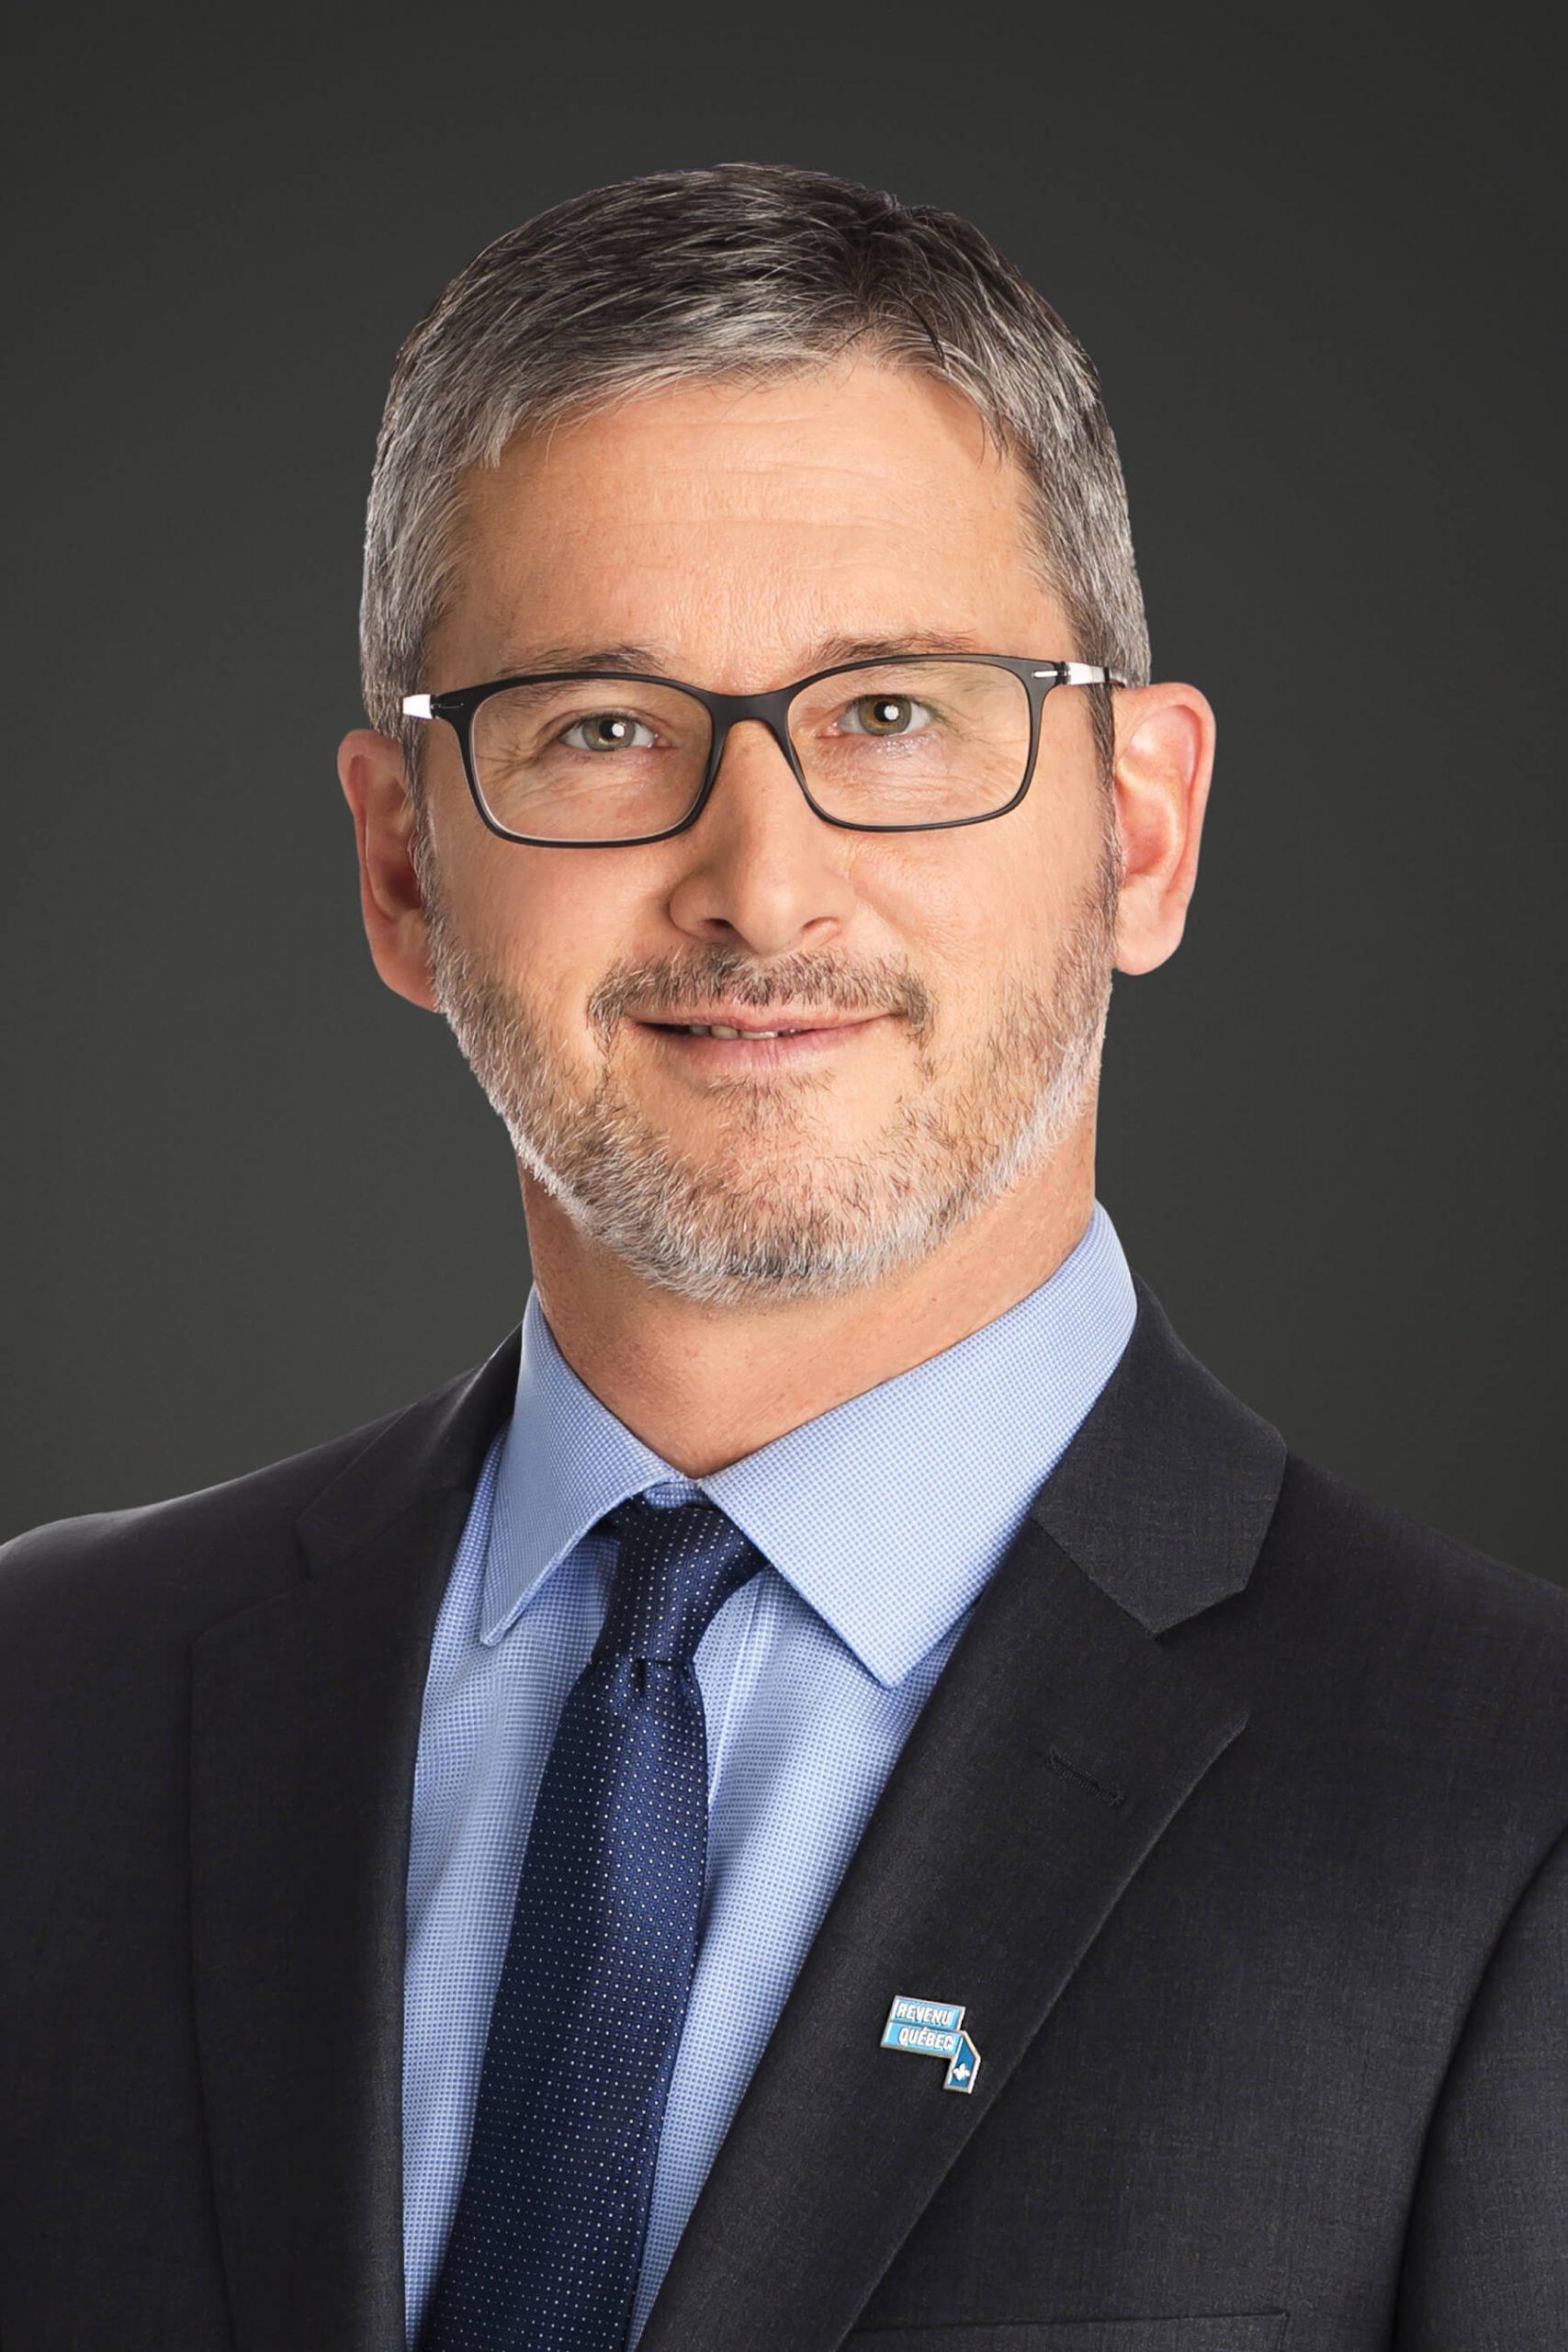 Carl Gauthier conférencier